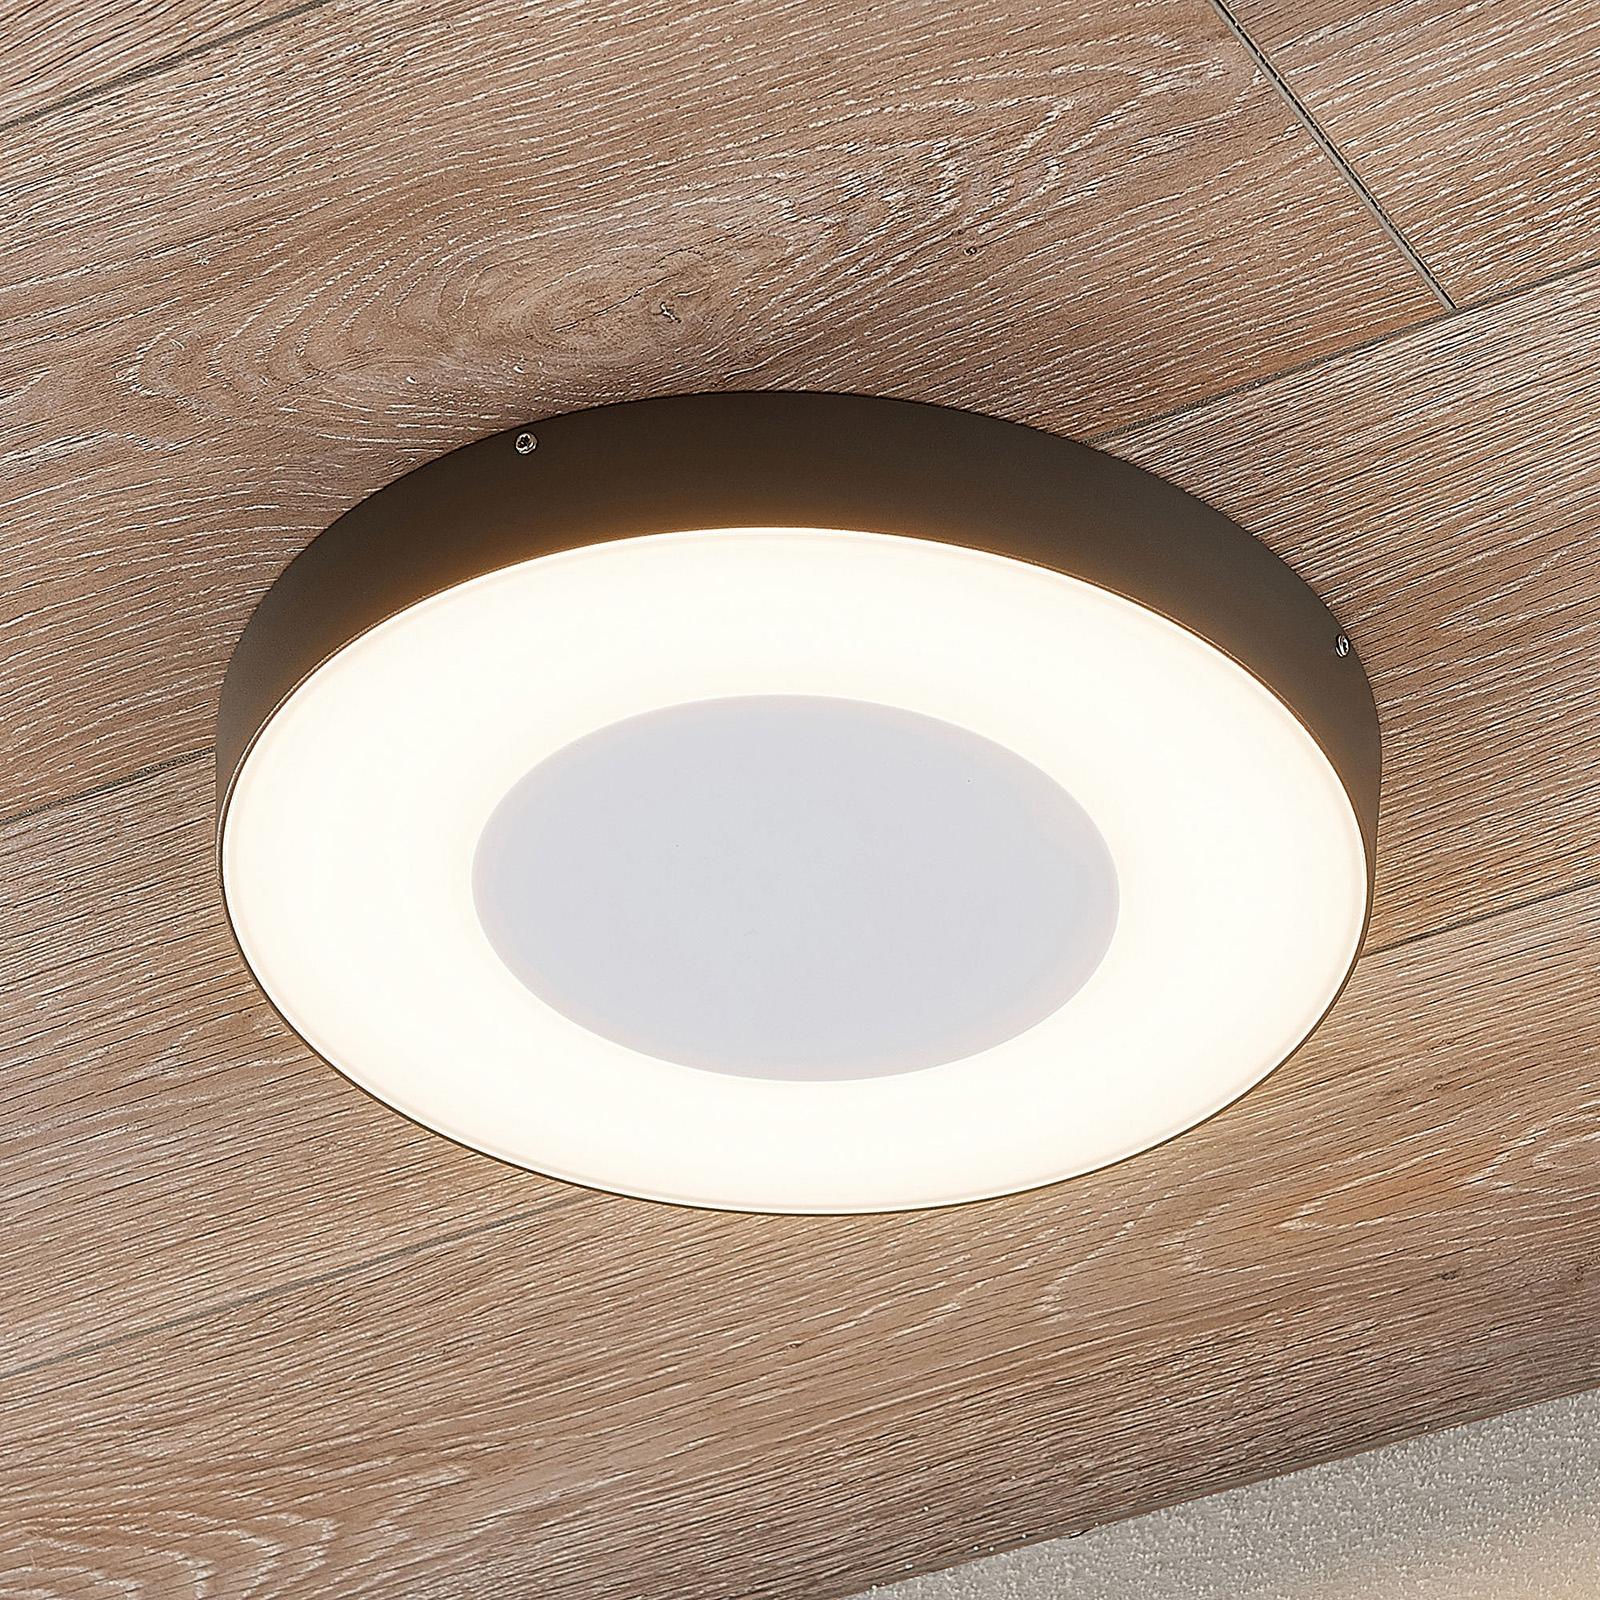 LED udendørs loftlampe, rund, sensor